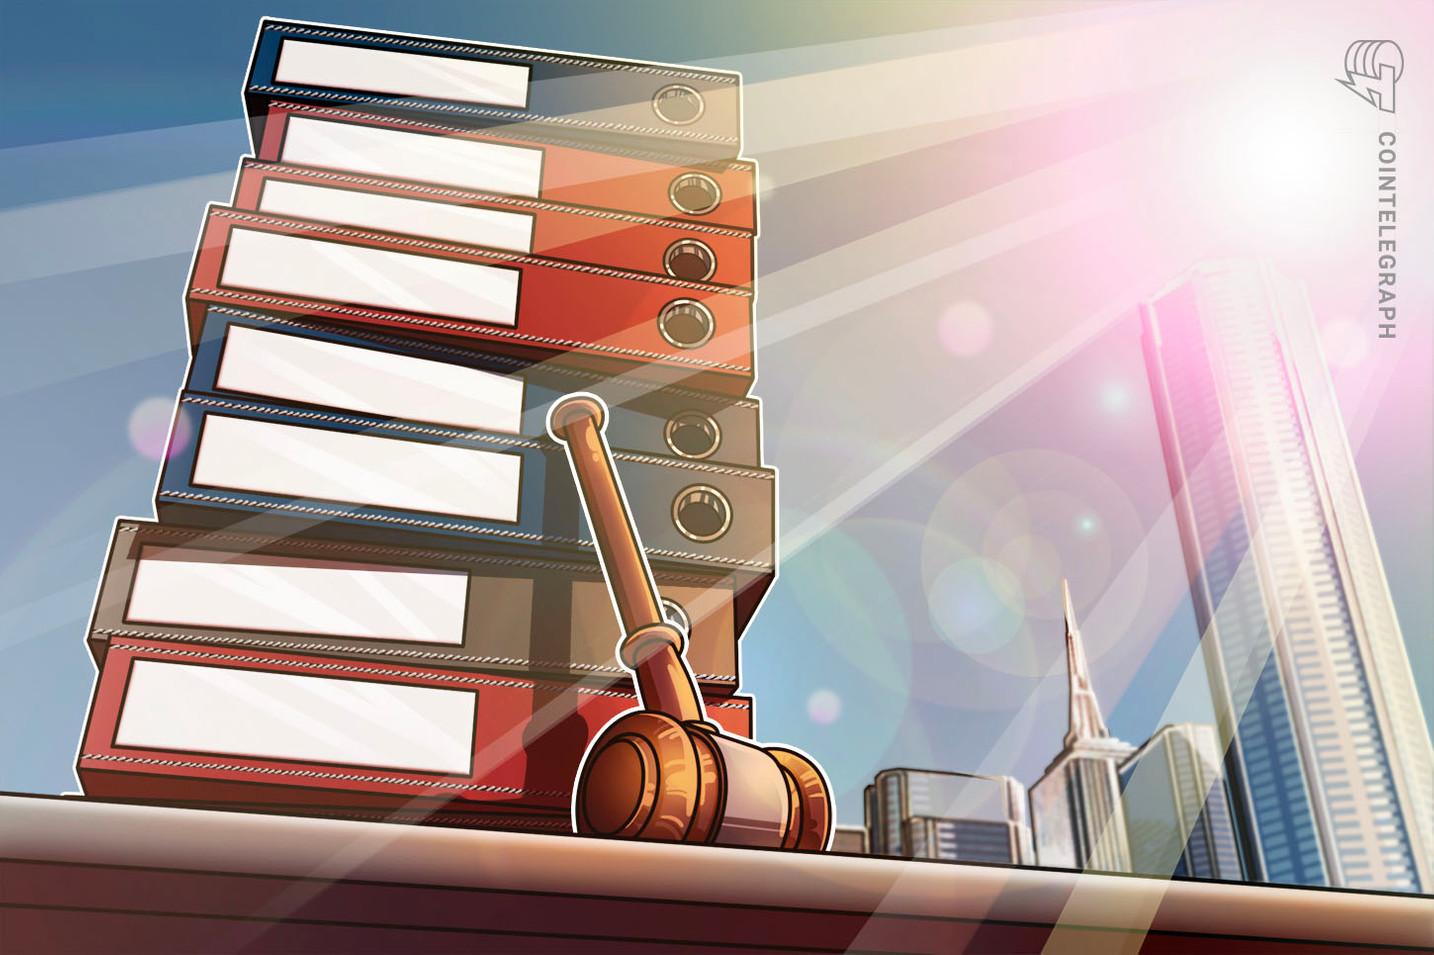 Svelare l'indirizzo di un exchange non danneggia l'azienda, decreta un tribunale